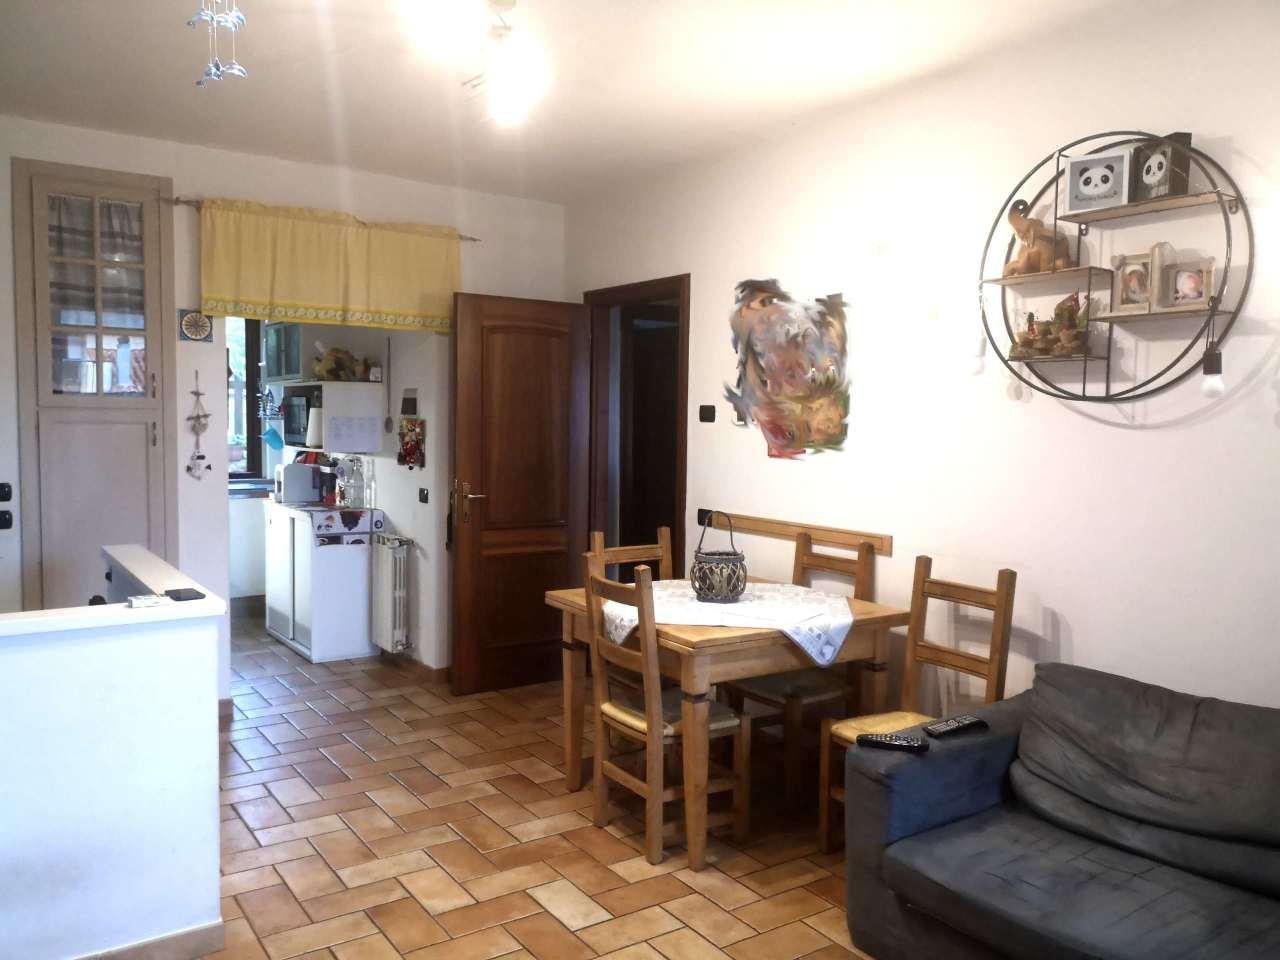 Appartamento in vendita a Reggello, 3 locali, prezzo € 172.000 | PortaleAgenzieImmobiliari.it